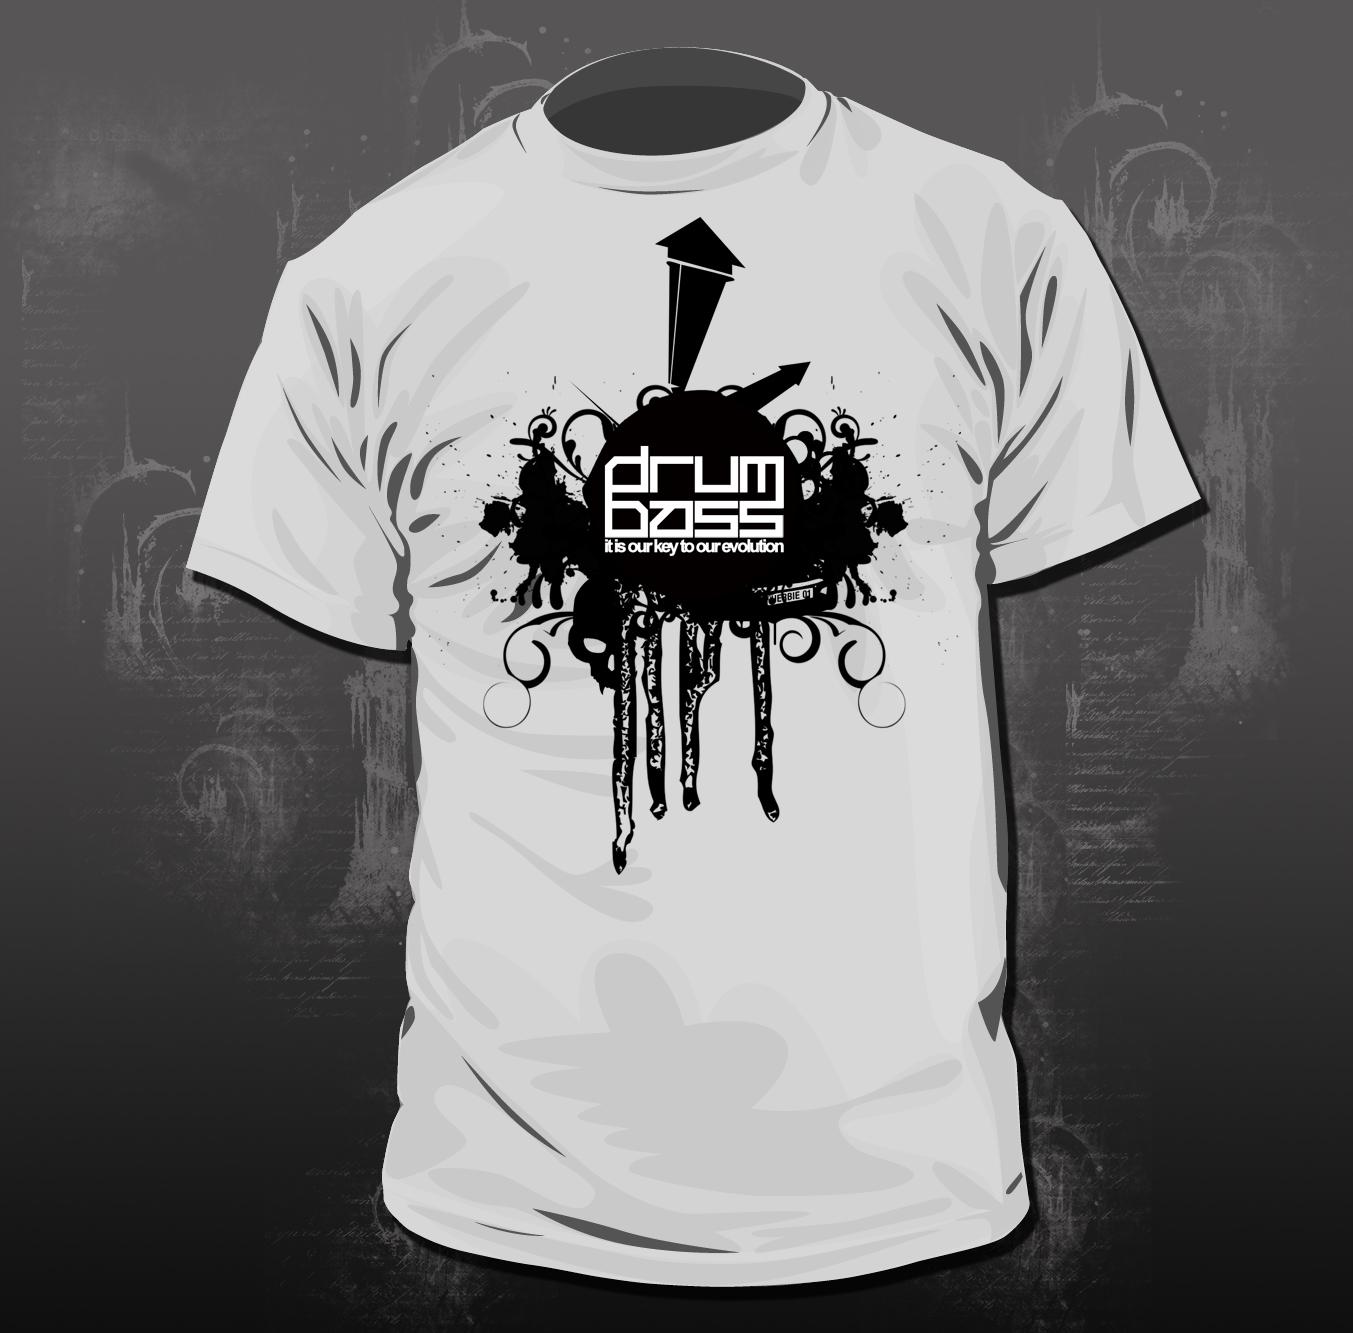 Custom Made T Shirts Kansas City